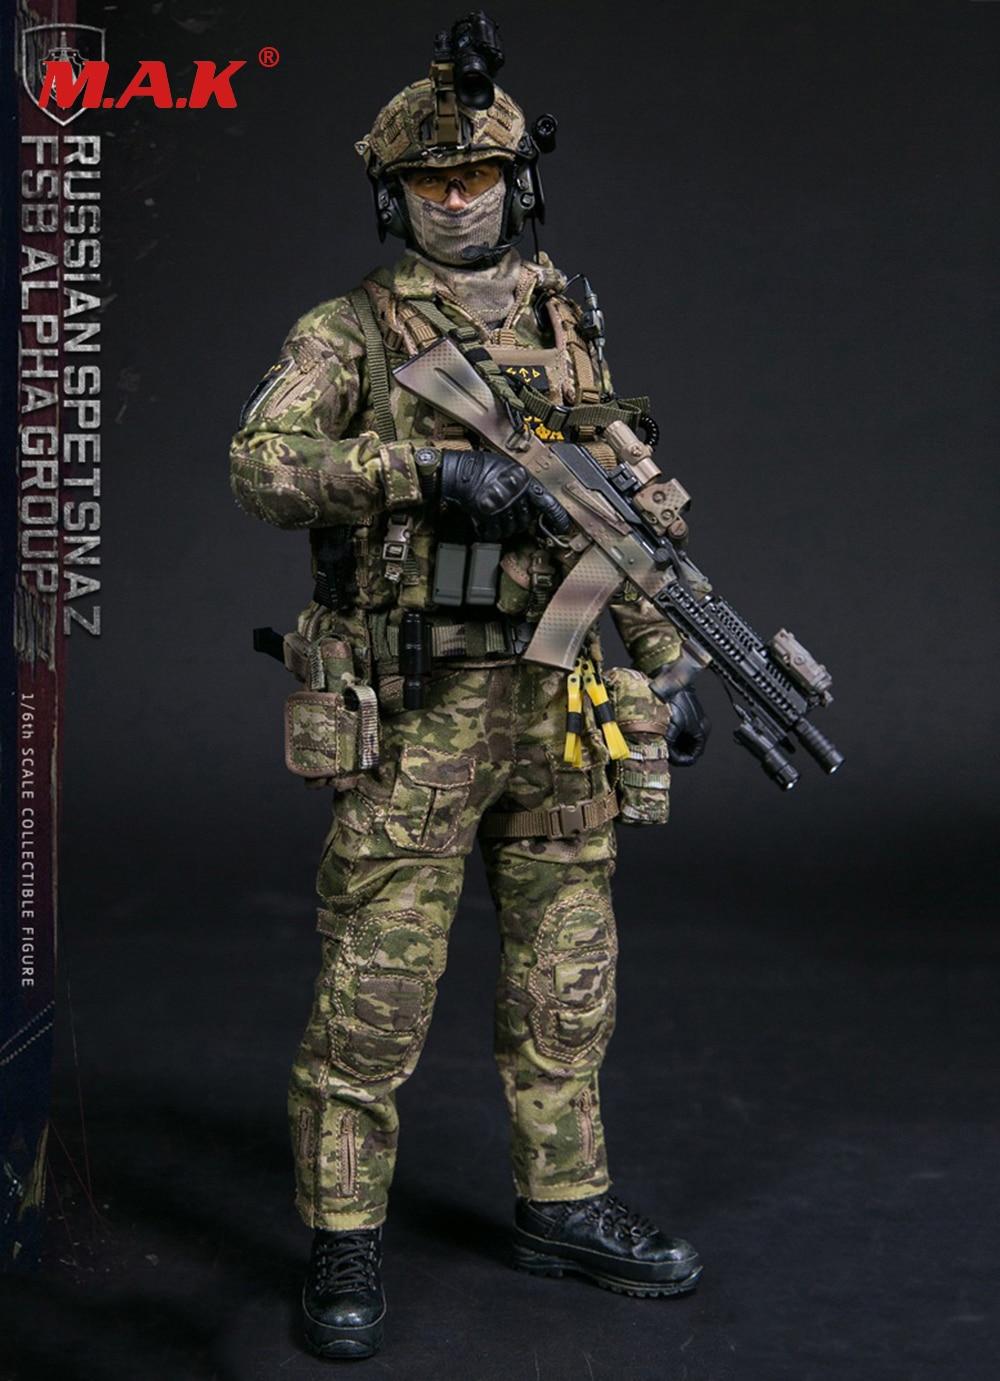 Solider action figure set completo 1/6 scala 78047B RUSSO SPETSNAZ FSB ALPHA GRUPPO maschile uomo versione standard per le collezioni